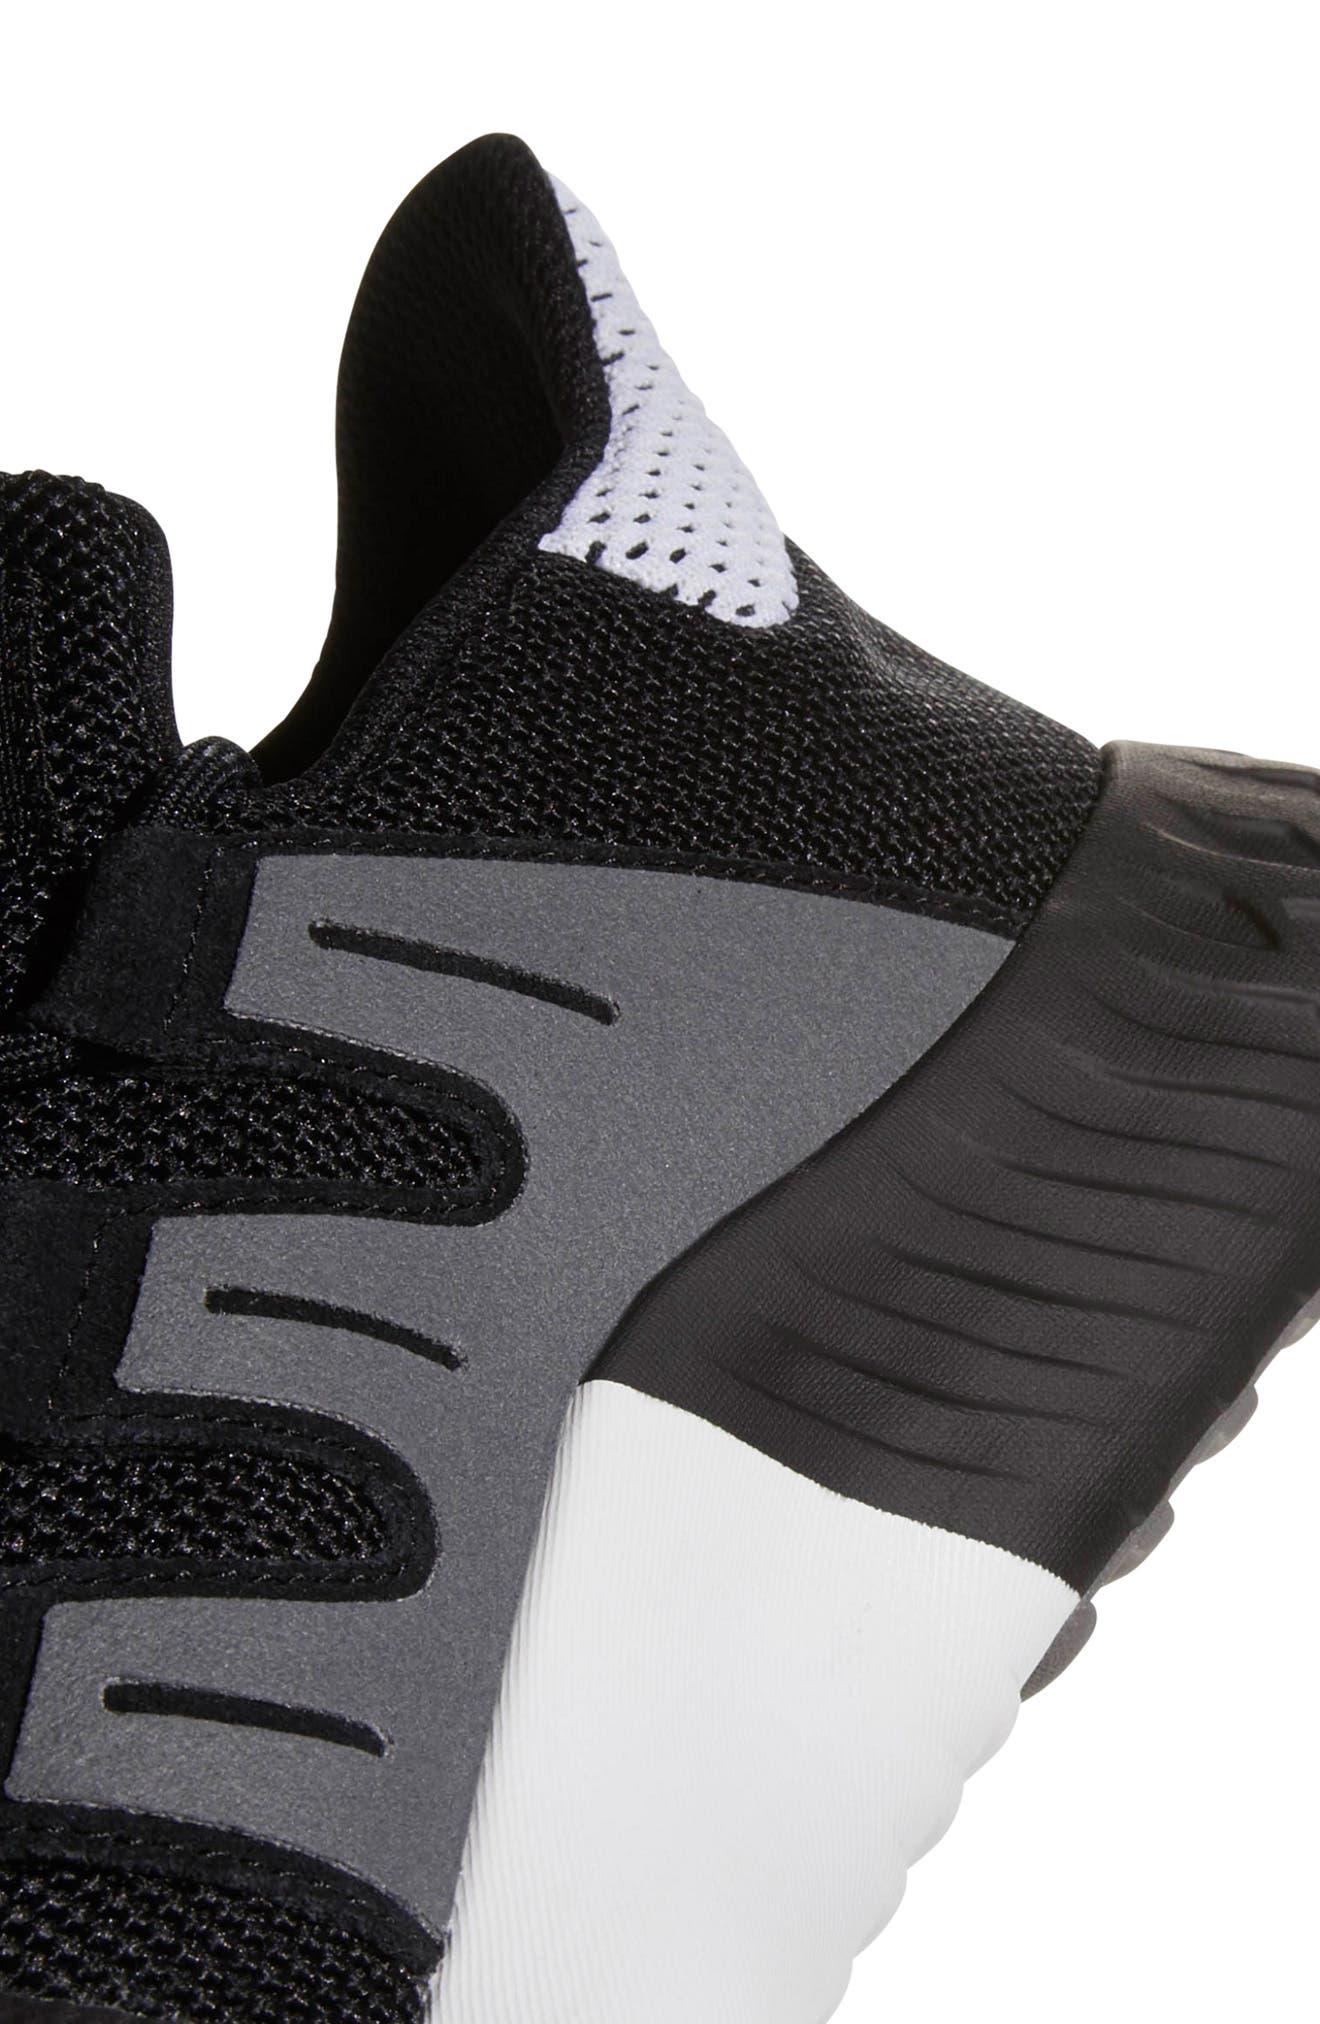 Tubular Dusk Primeknit Sneaker,                             Alternate thumbnail 7, color,                             WHITE/ BLACK/ GREY